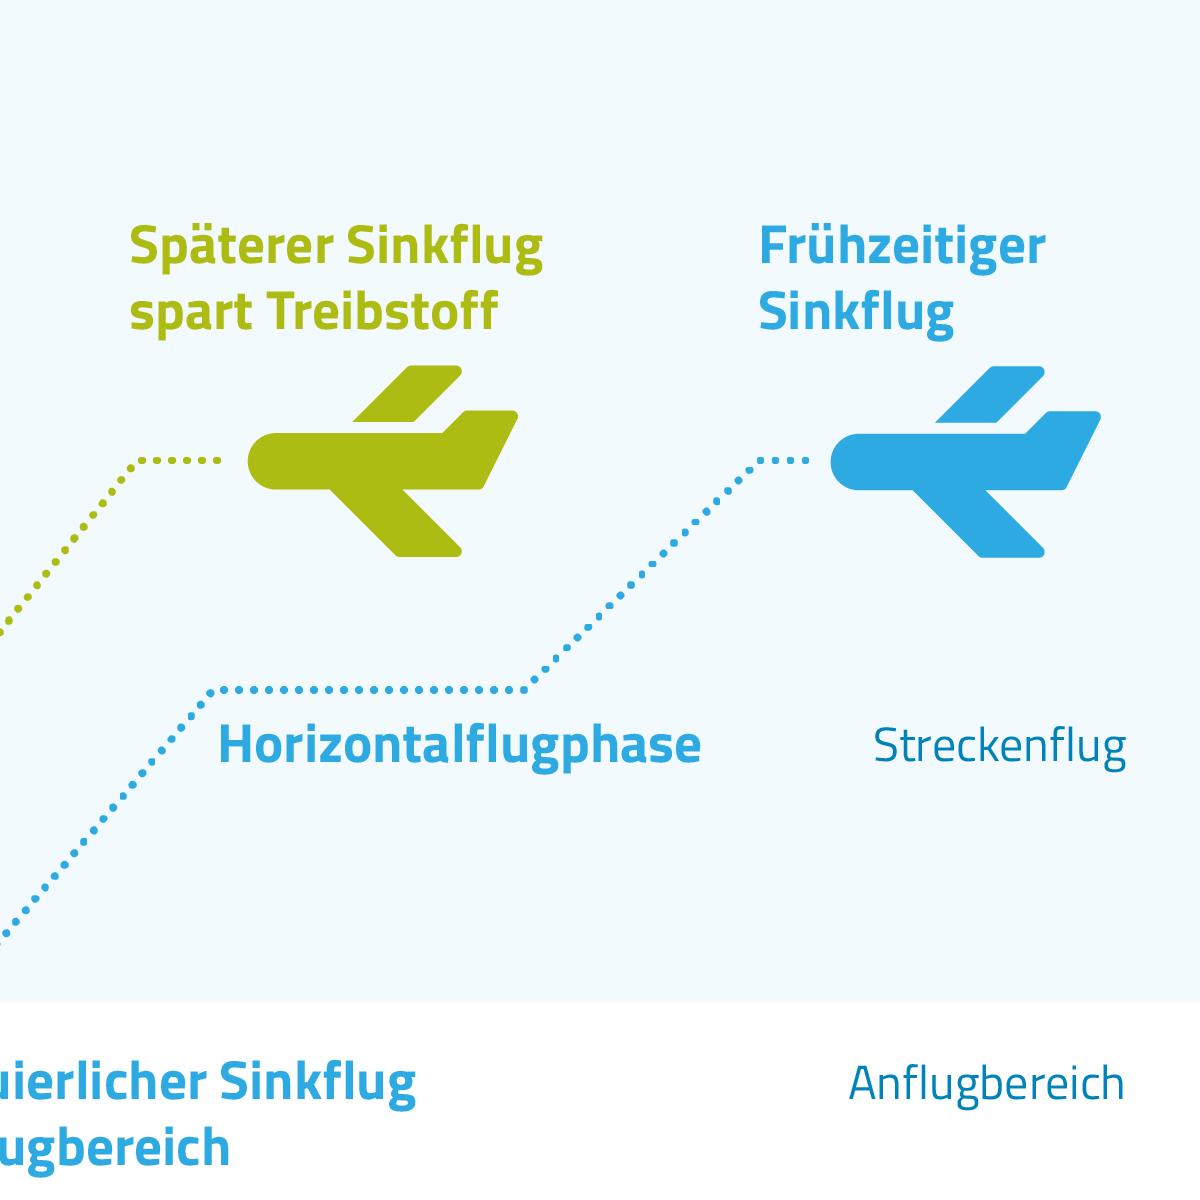 Sinkflug